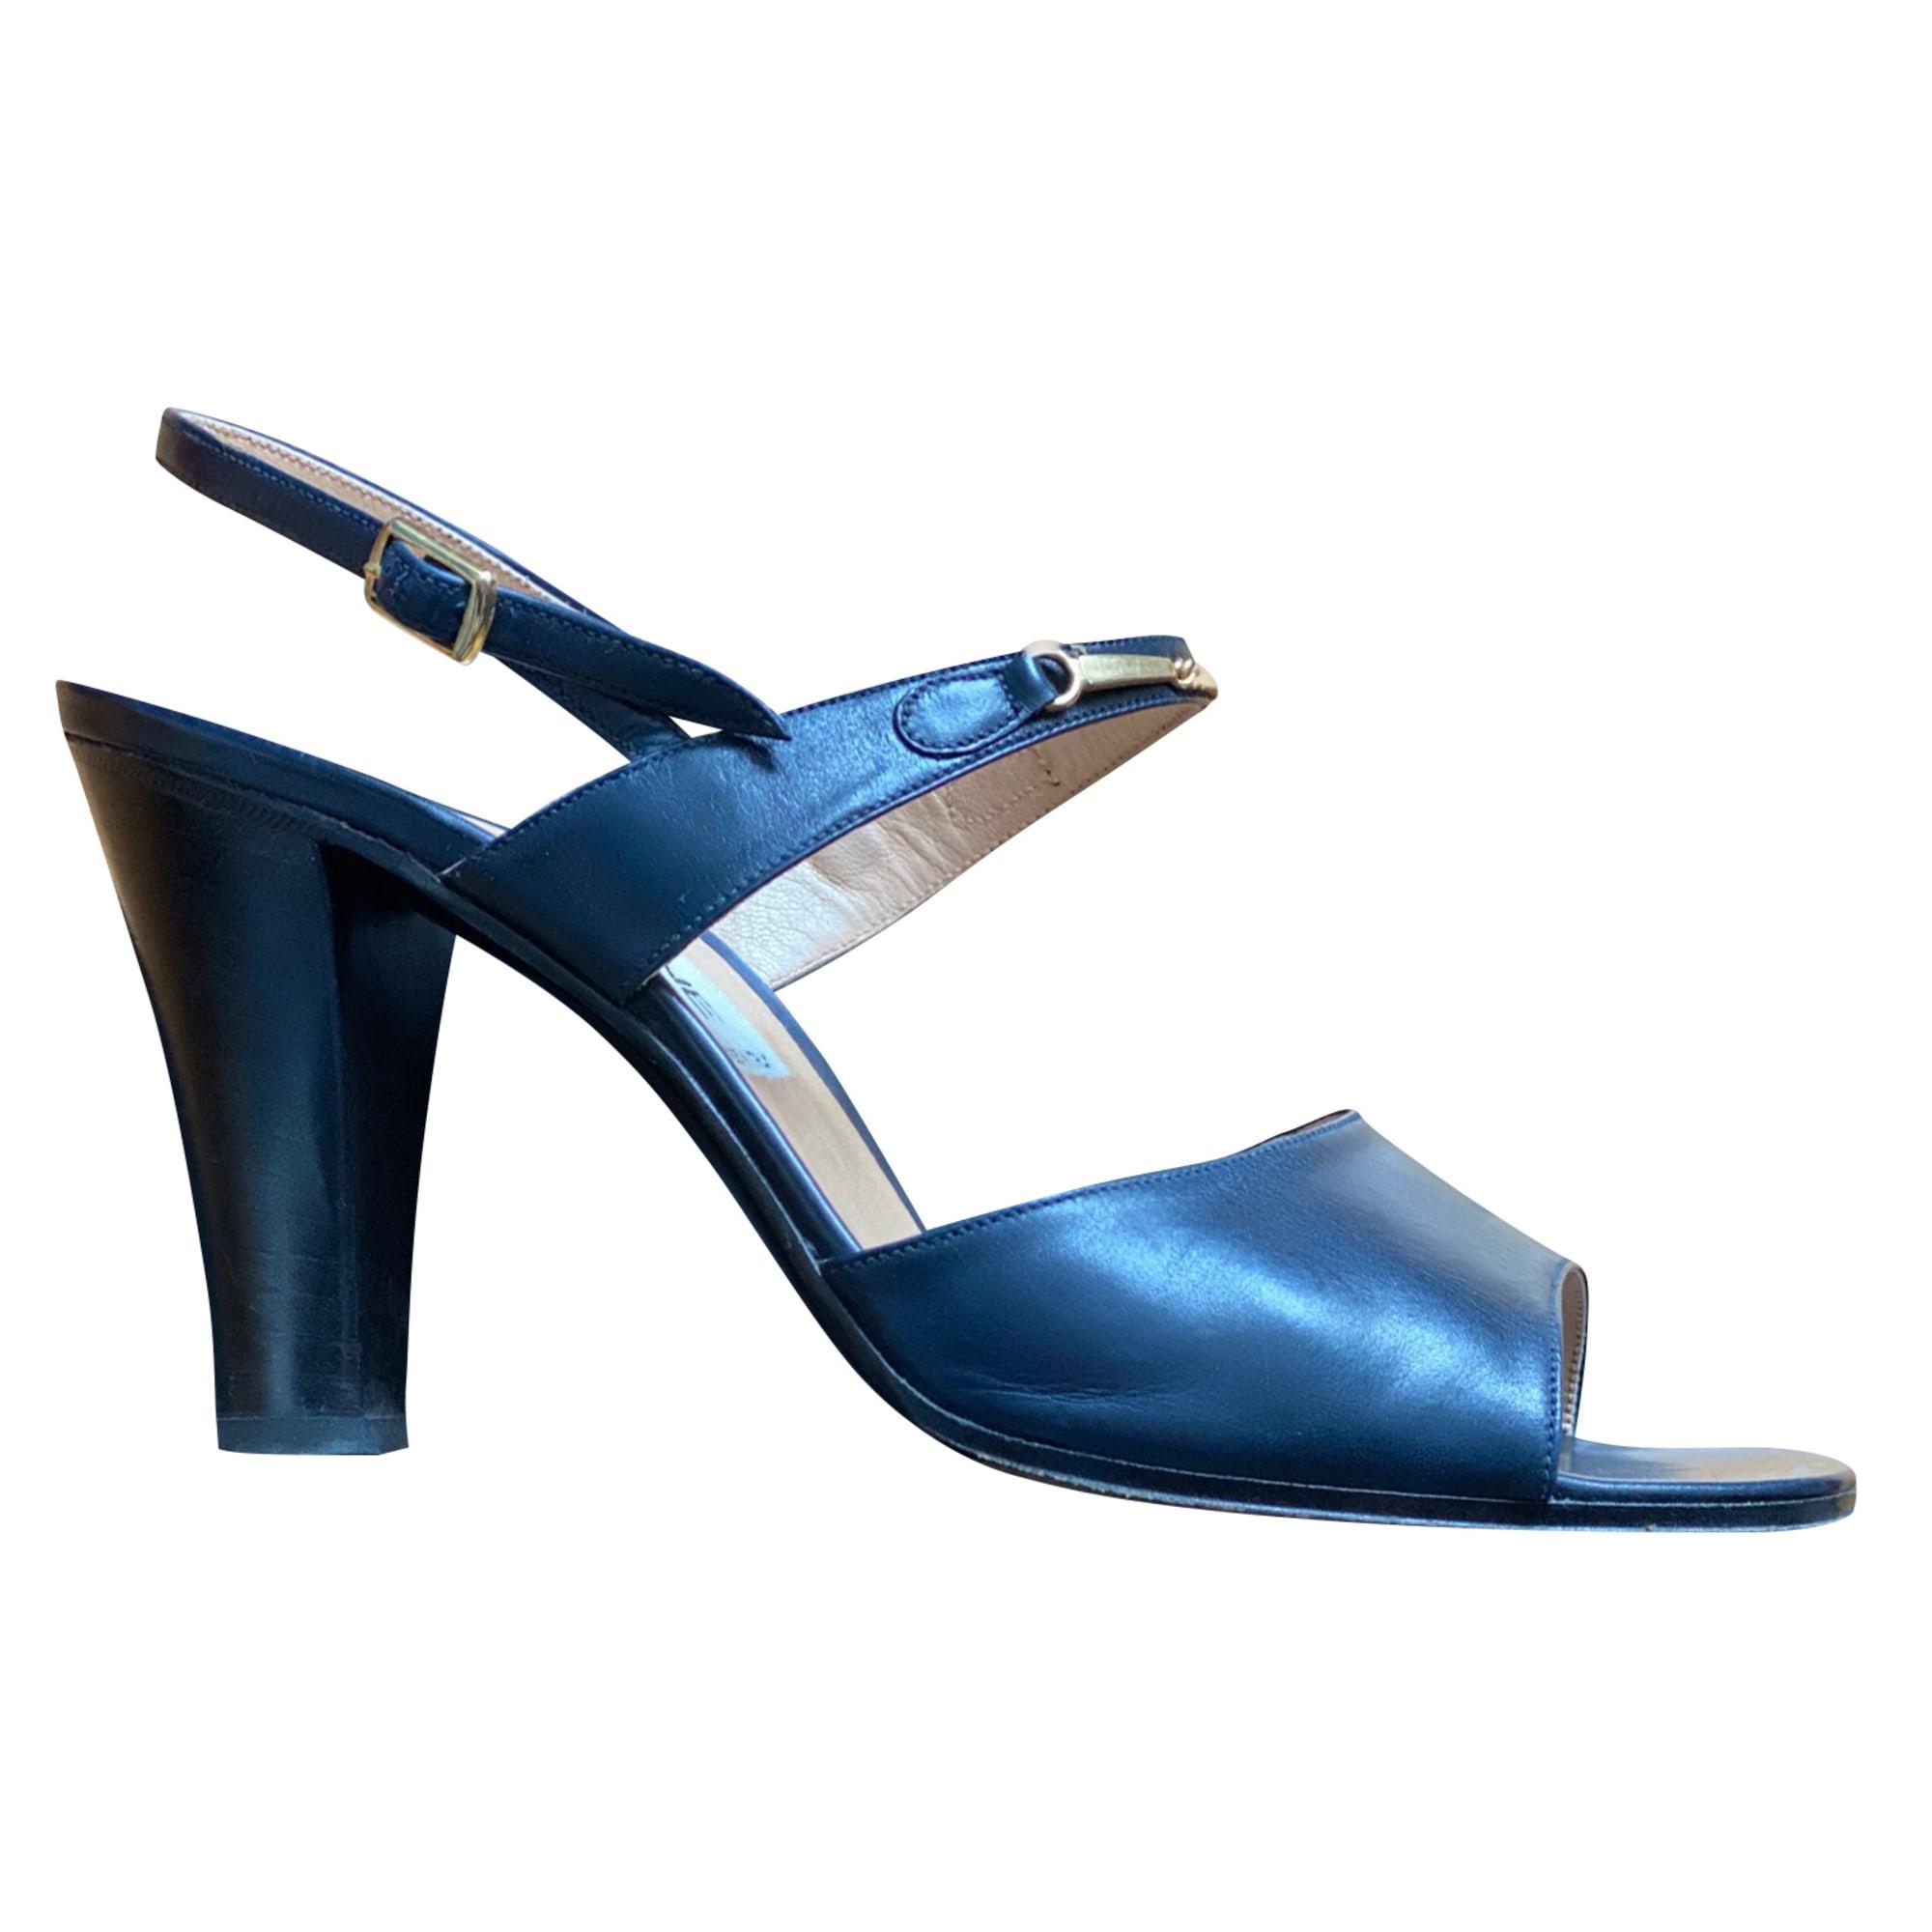 Absatzsandalette CÉLINE Blau, marineblau, türkisblau